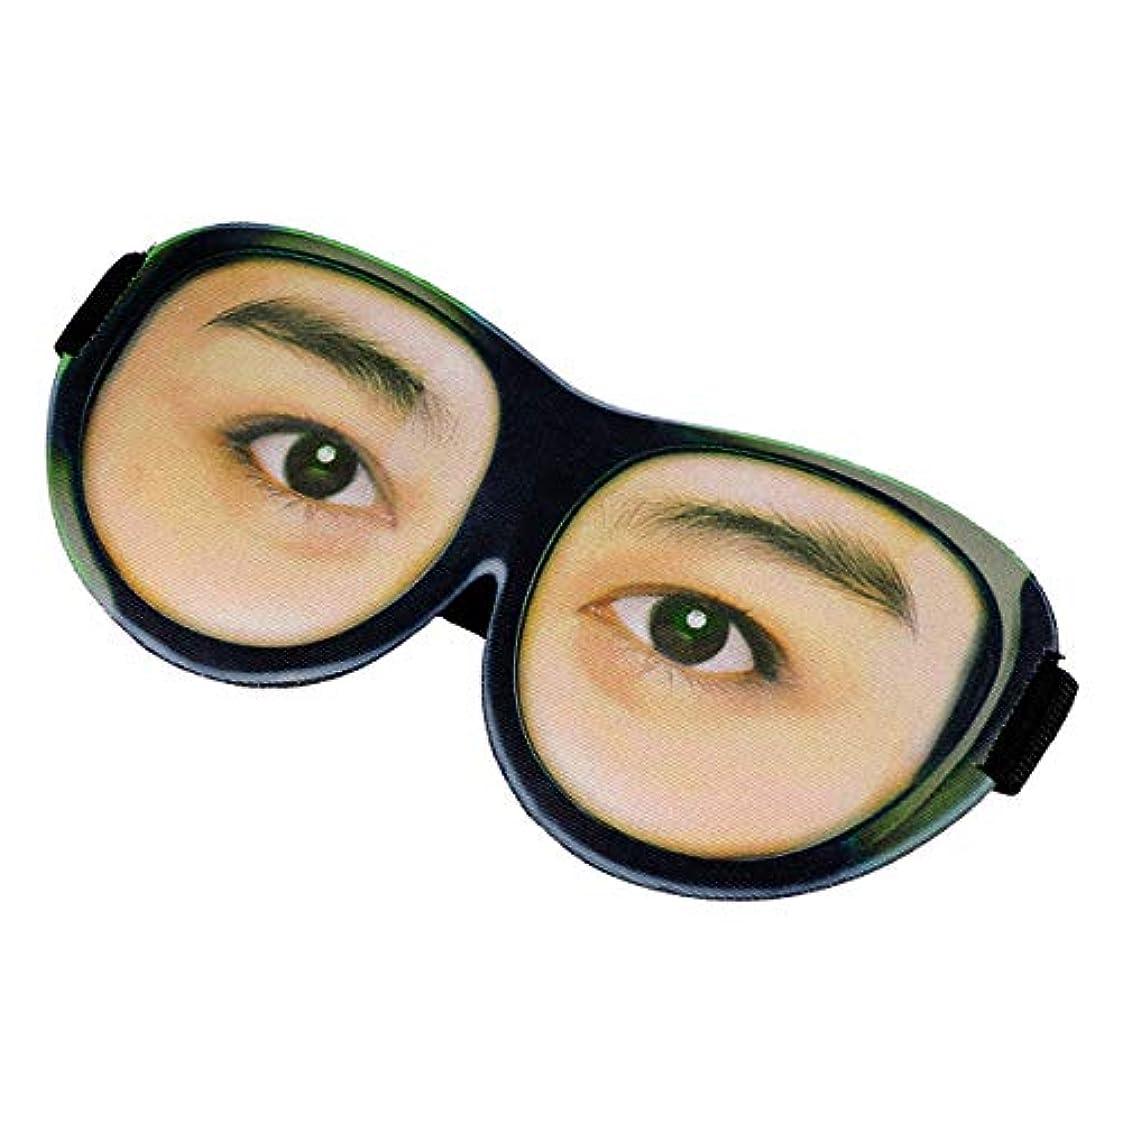 抵抗力がある最大刈るBeaupretty 睡眠マスクメガネ面白い3D調節可能ストラップ付きアイマスクアイシェード睡眠用アイシェード